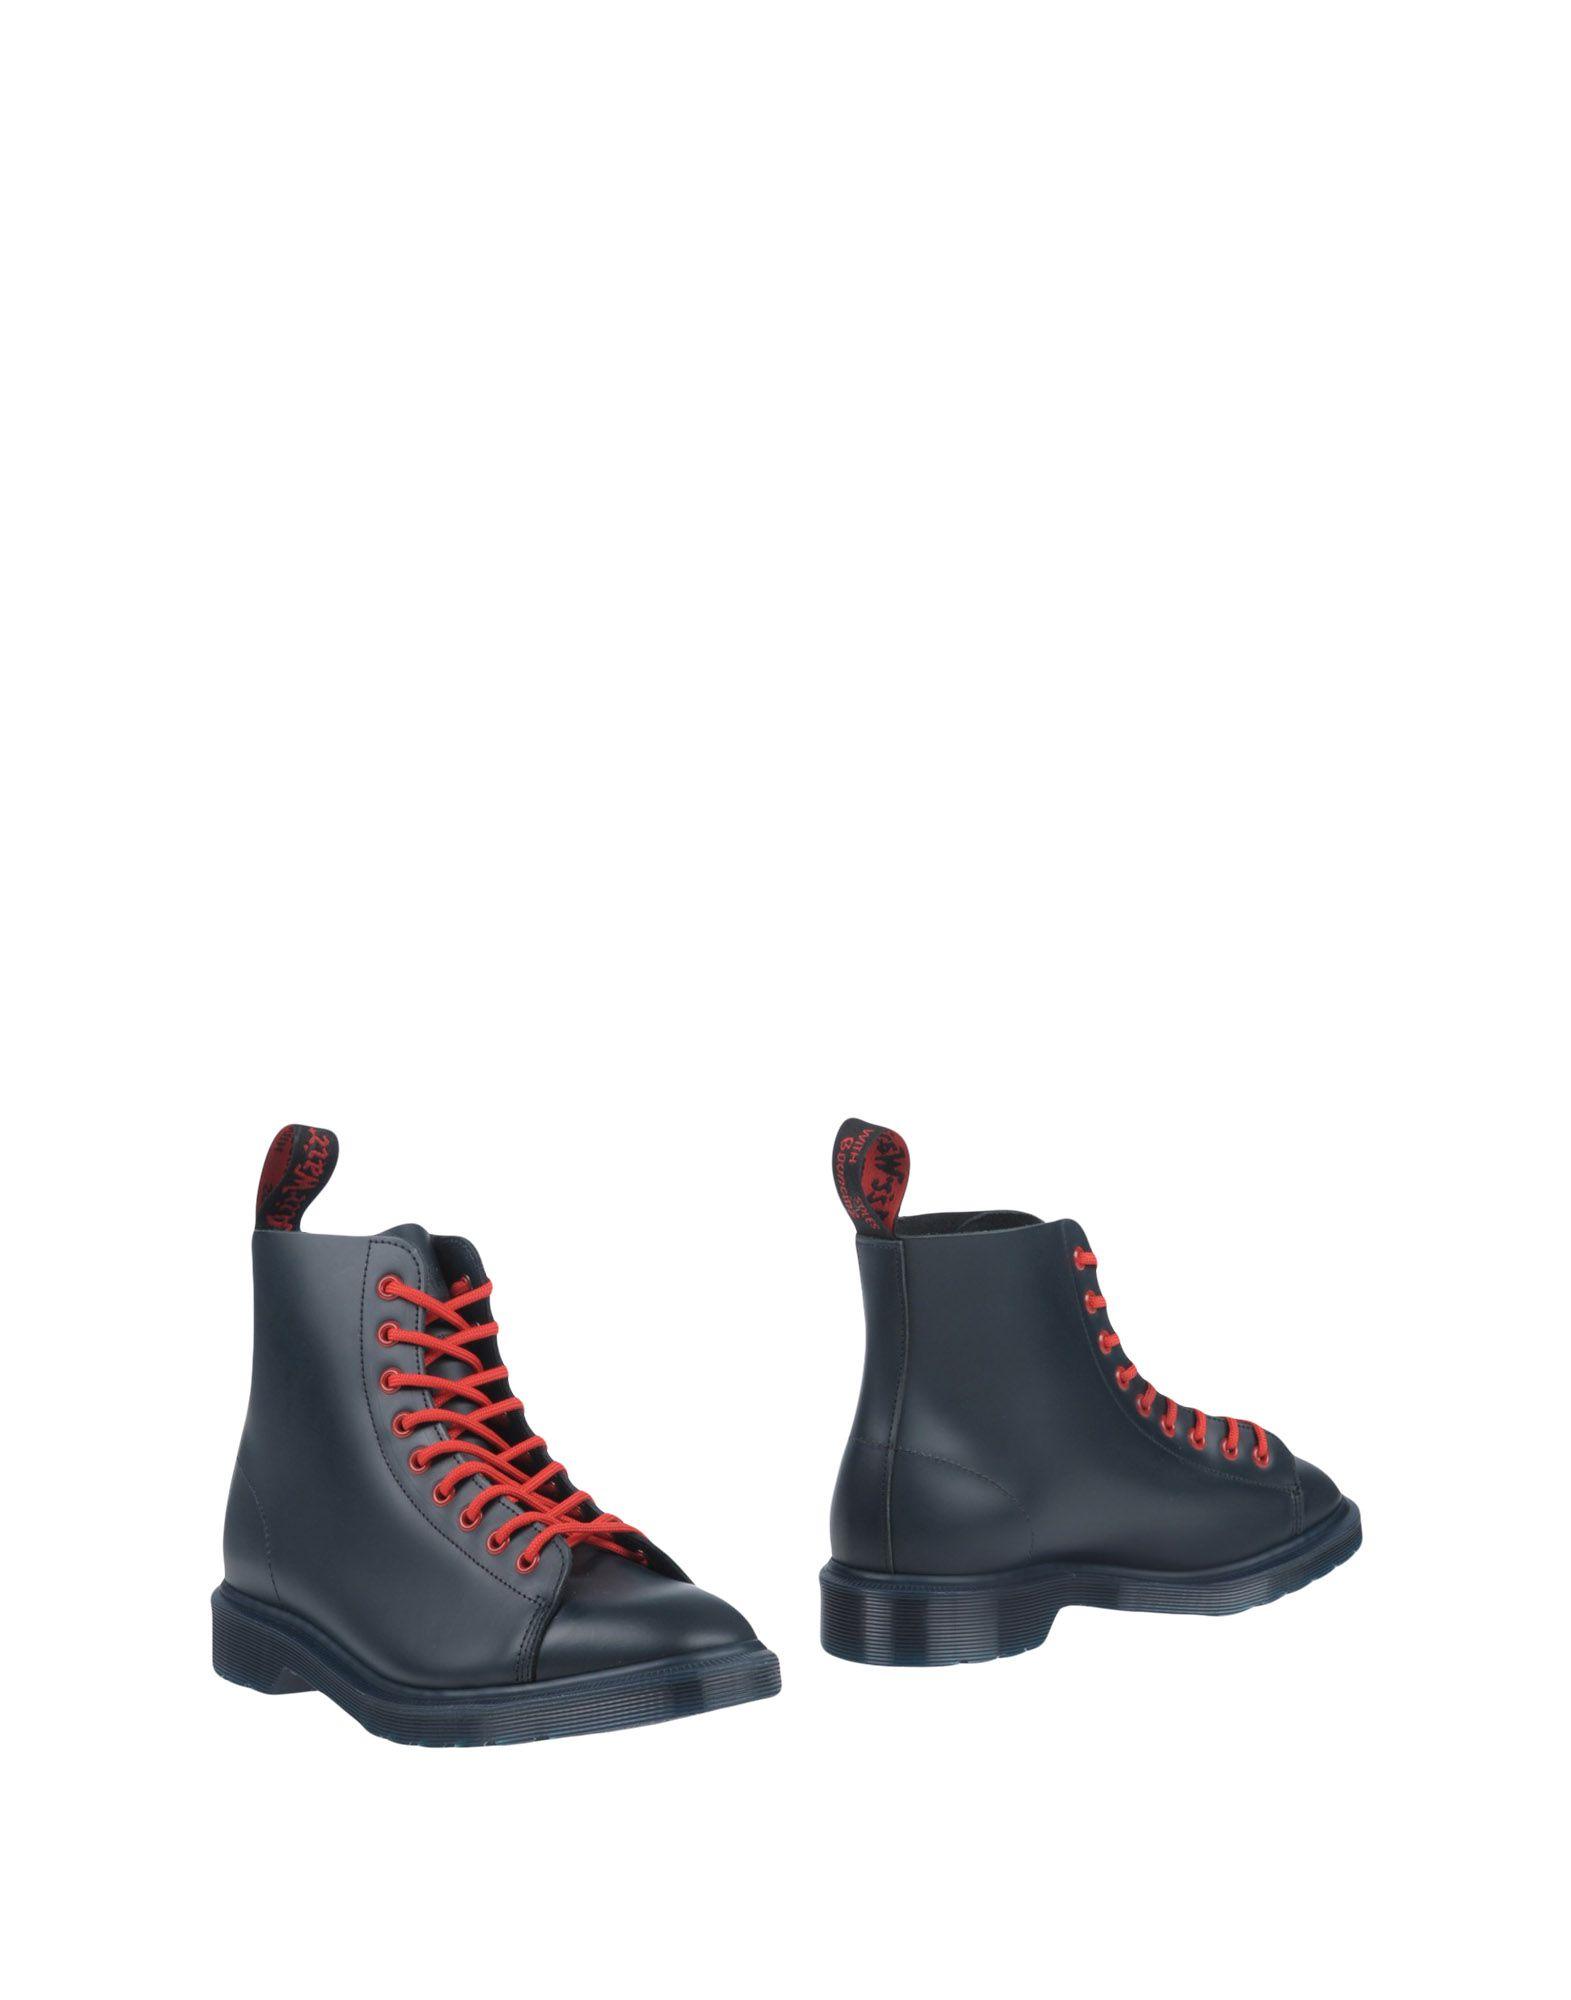 Dr. Martens Stiefelette Herren  11364875WF Gute Qualität beliebte Schuhe